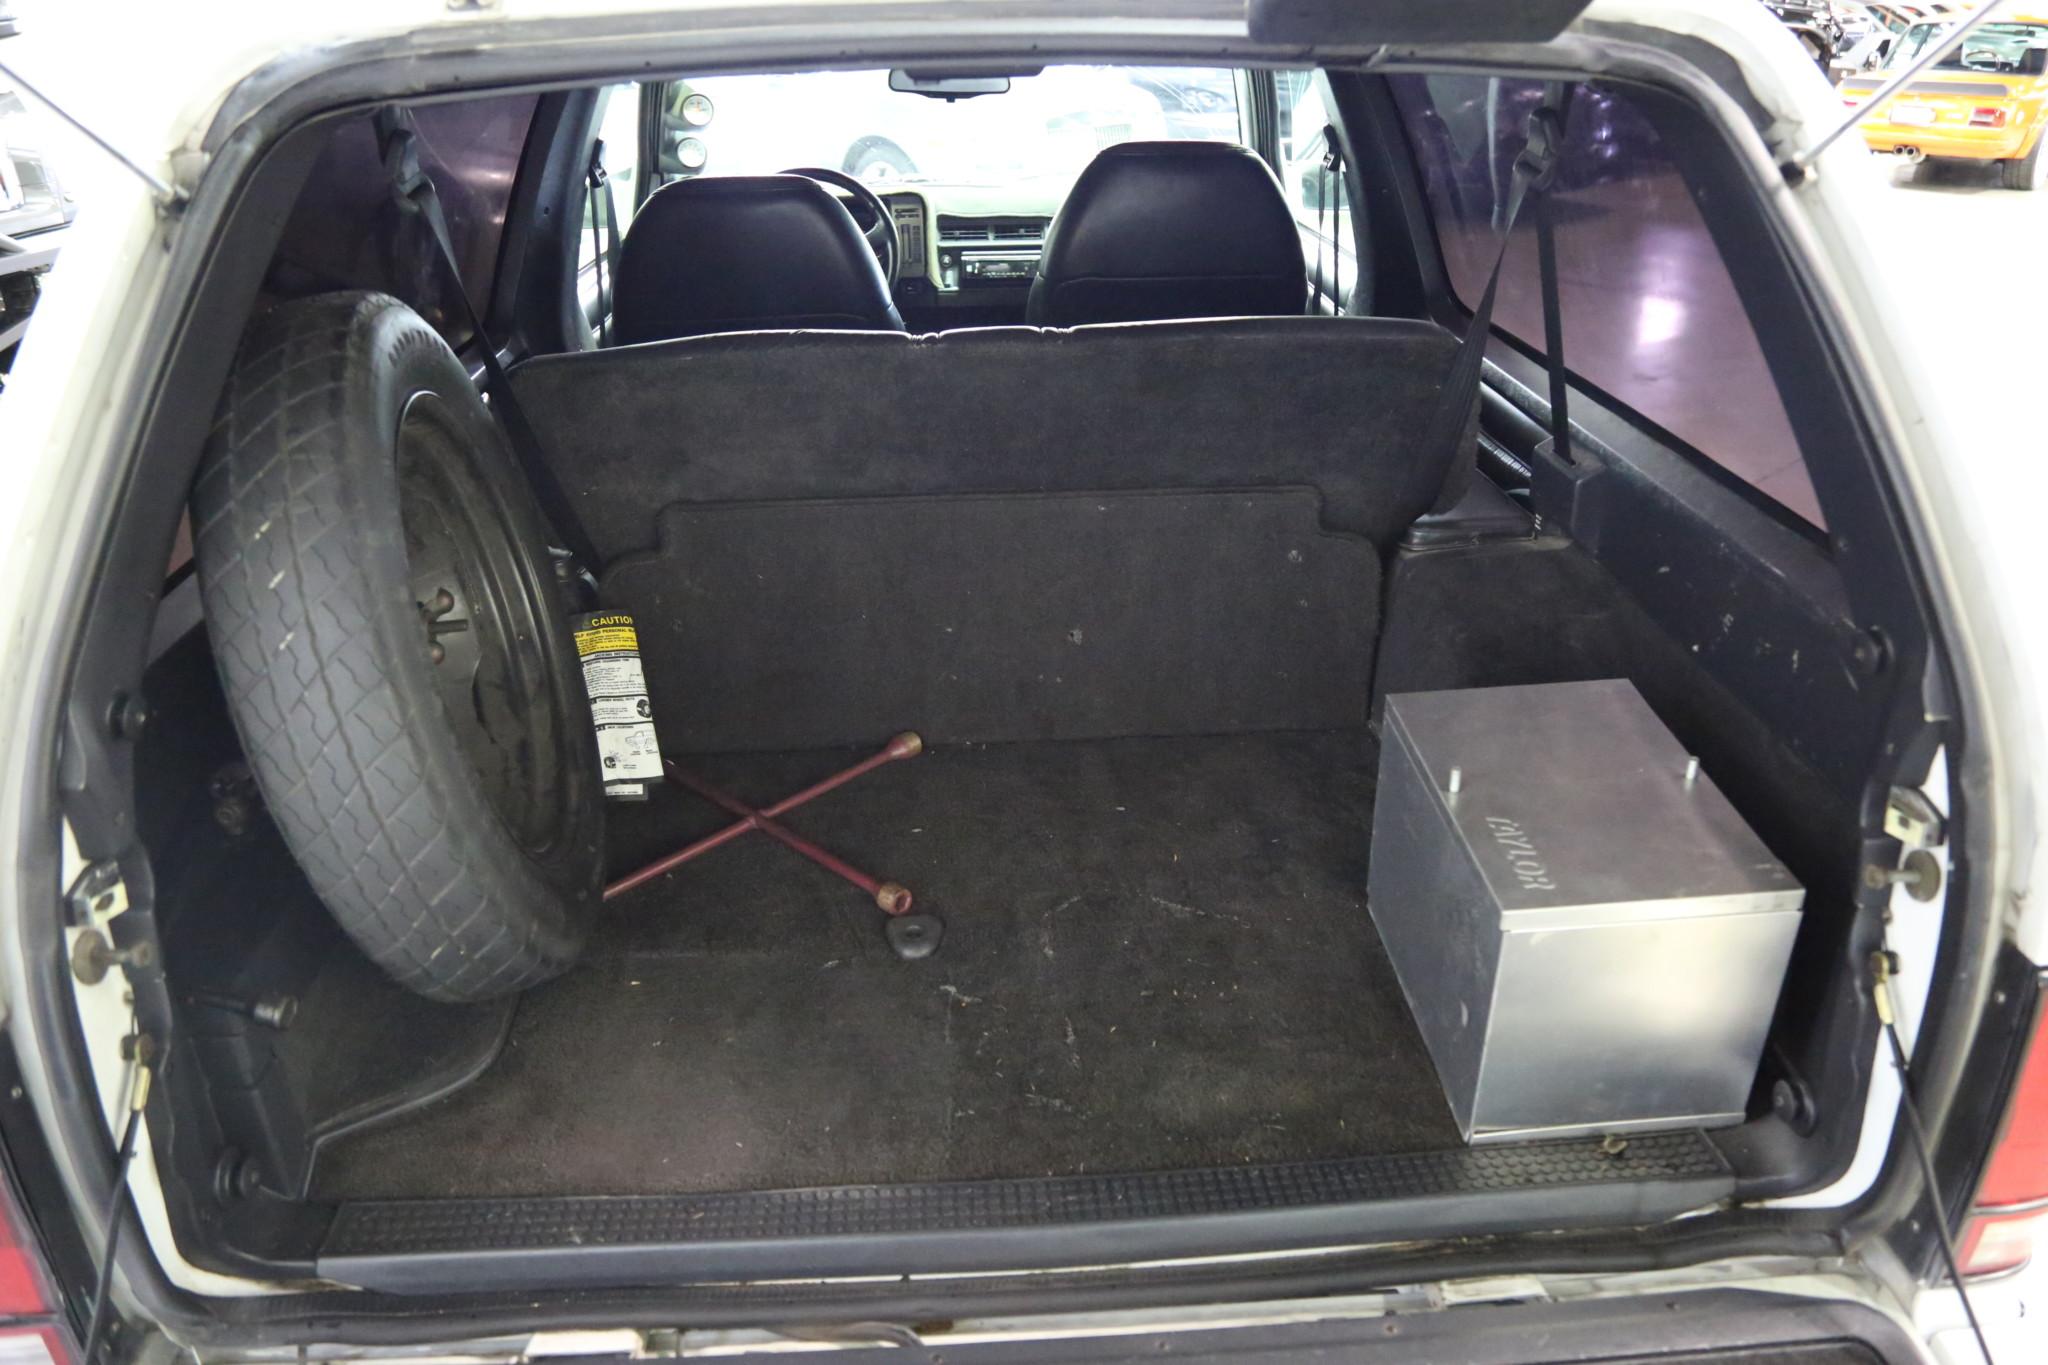 1993 GMC Typhoon interior trunk